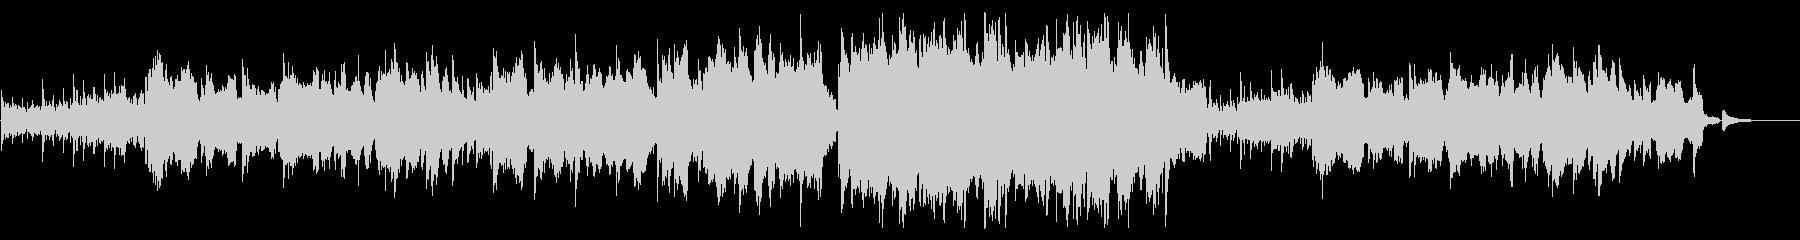 バイオリン 感動的・バラードの未再生の波形